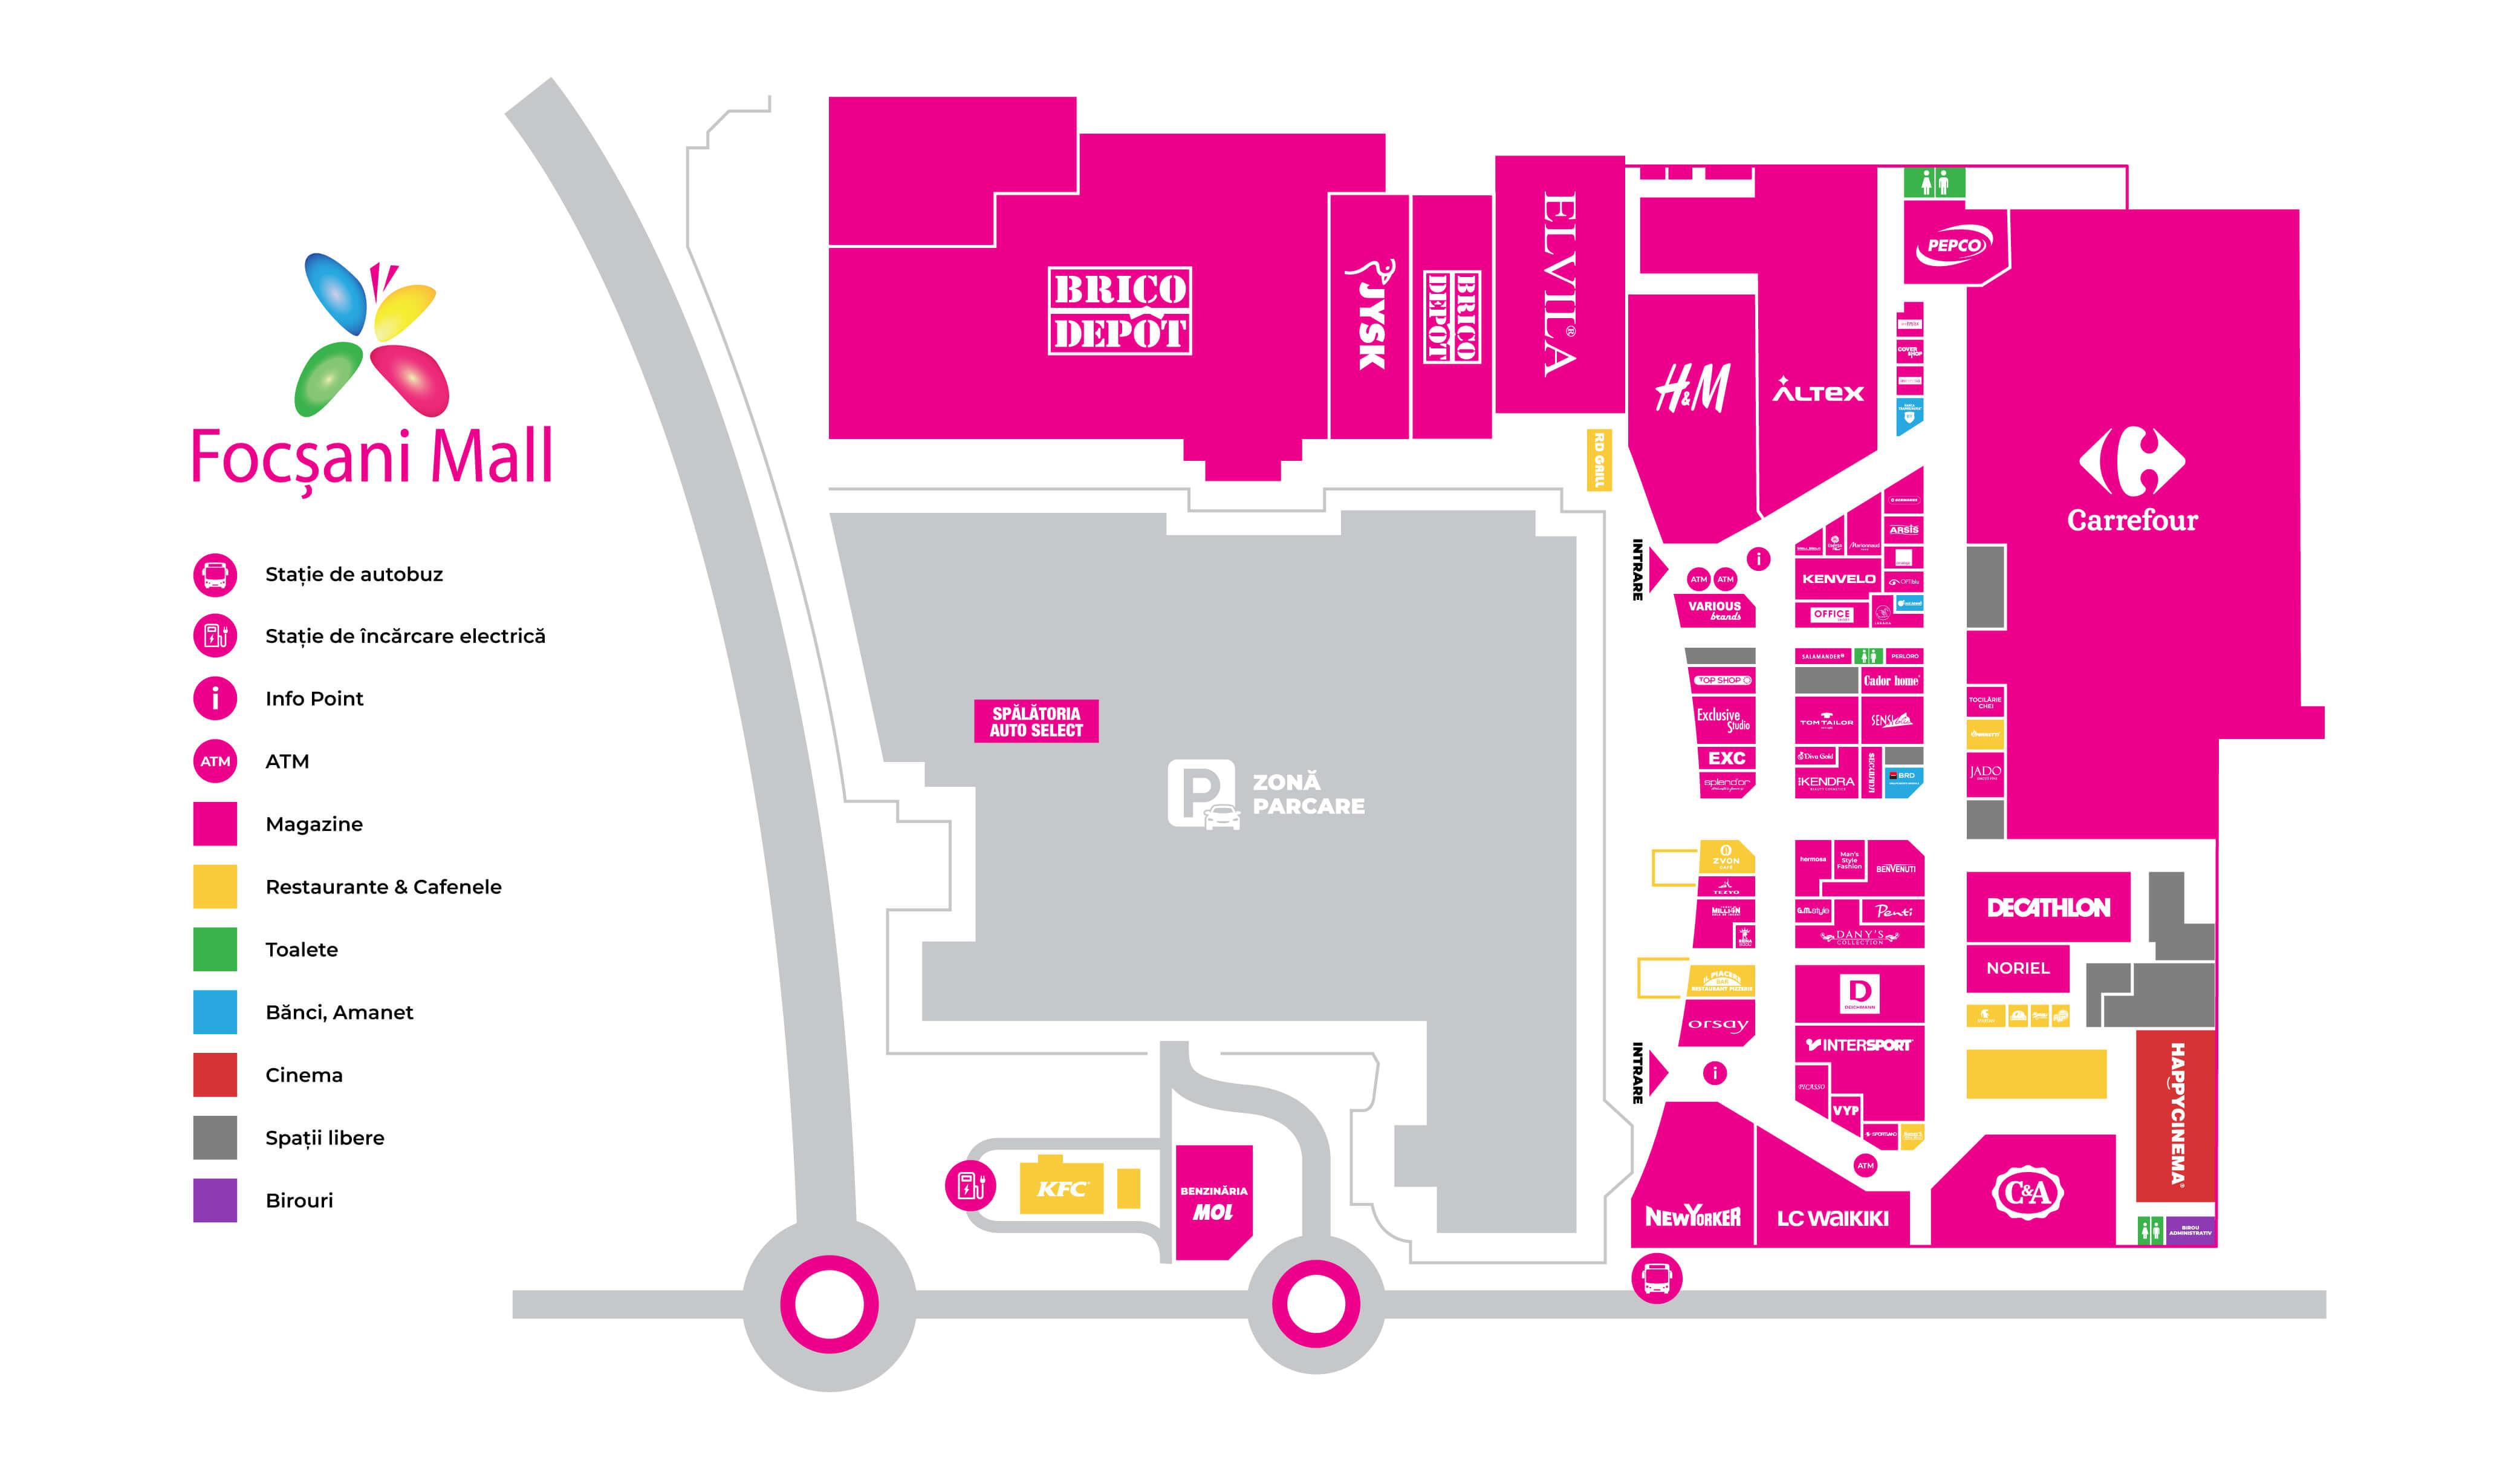 harta focsani mall